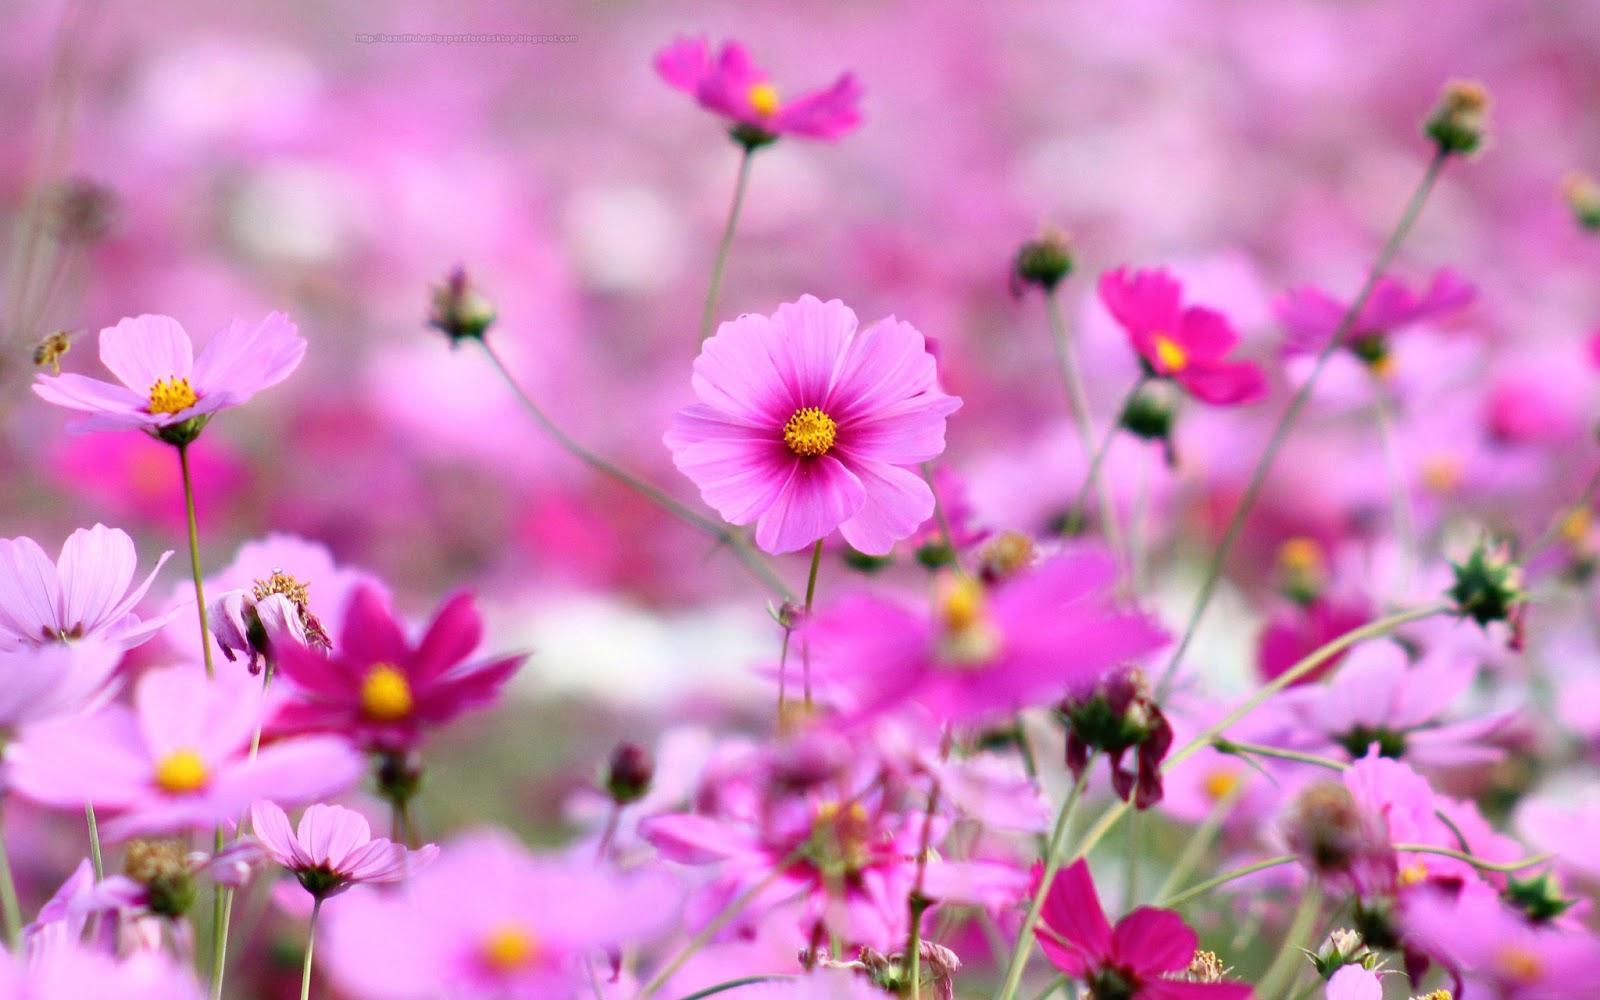 Free Download Beautiful Wallpapers For Desktop Purple Flowers Hd